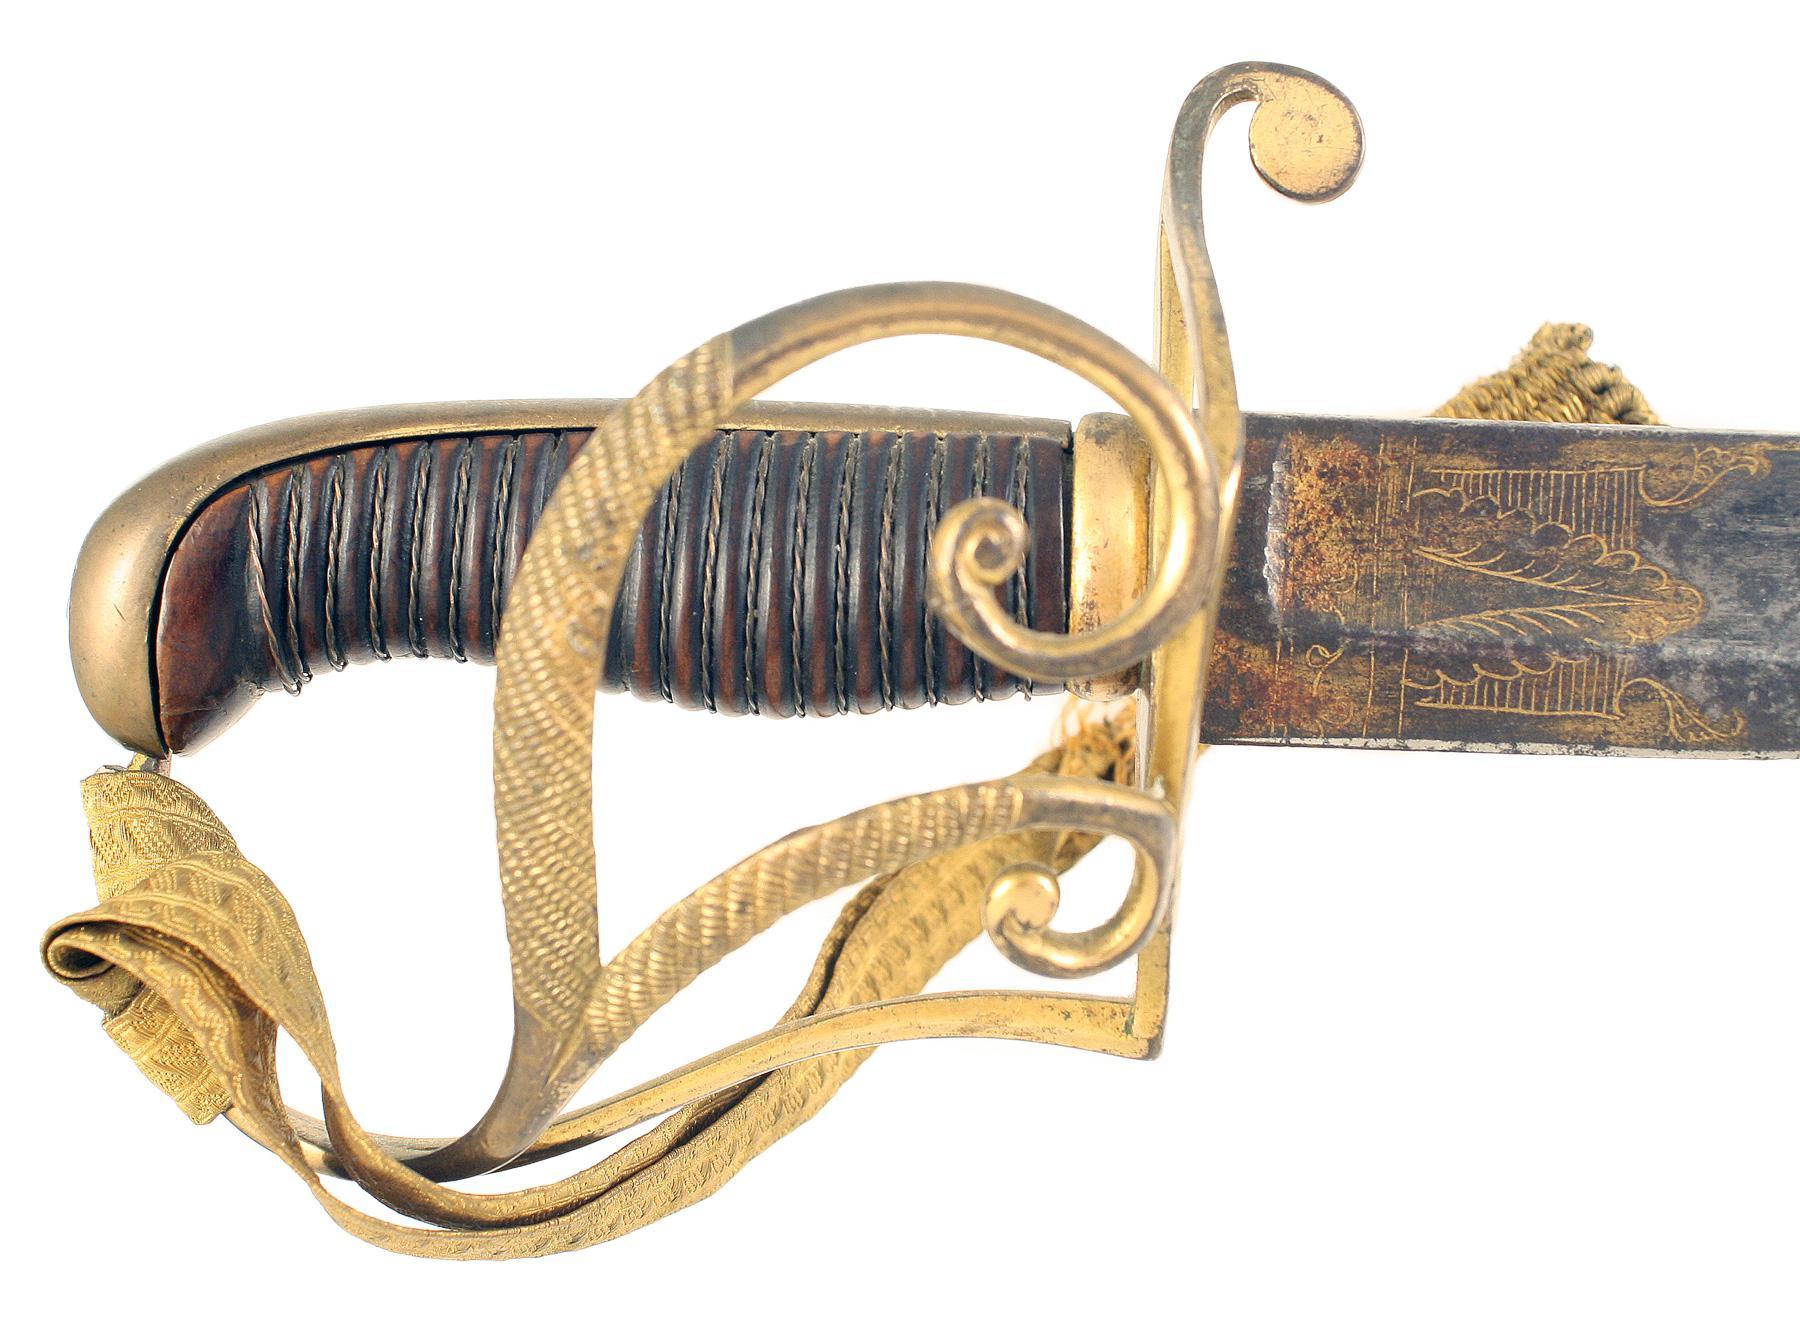 A Scarce S-Bar Hilted Sword